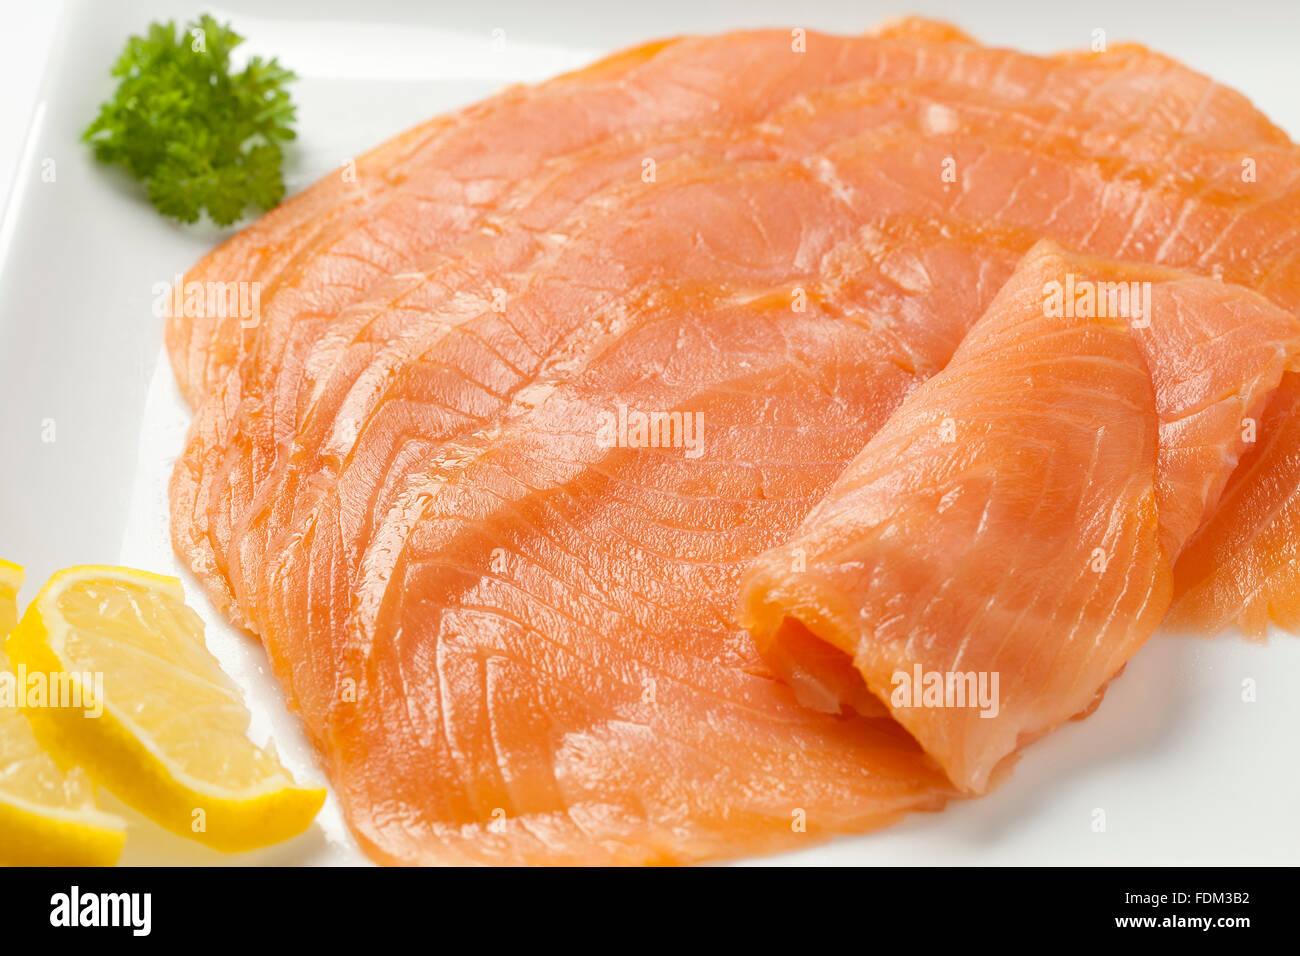 Rodajas de salmón ahumado en una placa Imagen De Stock